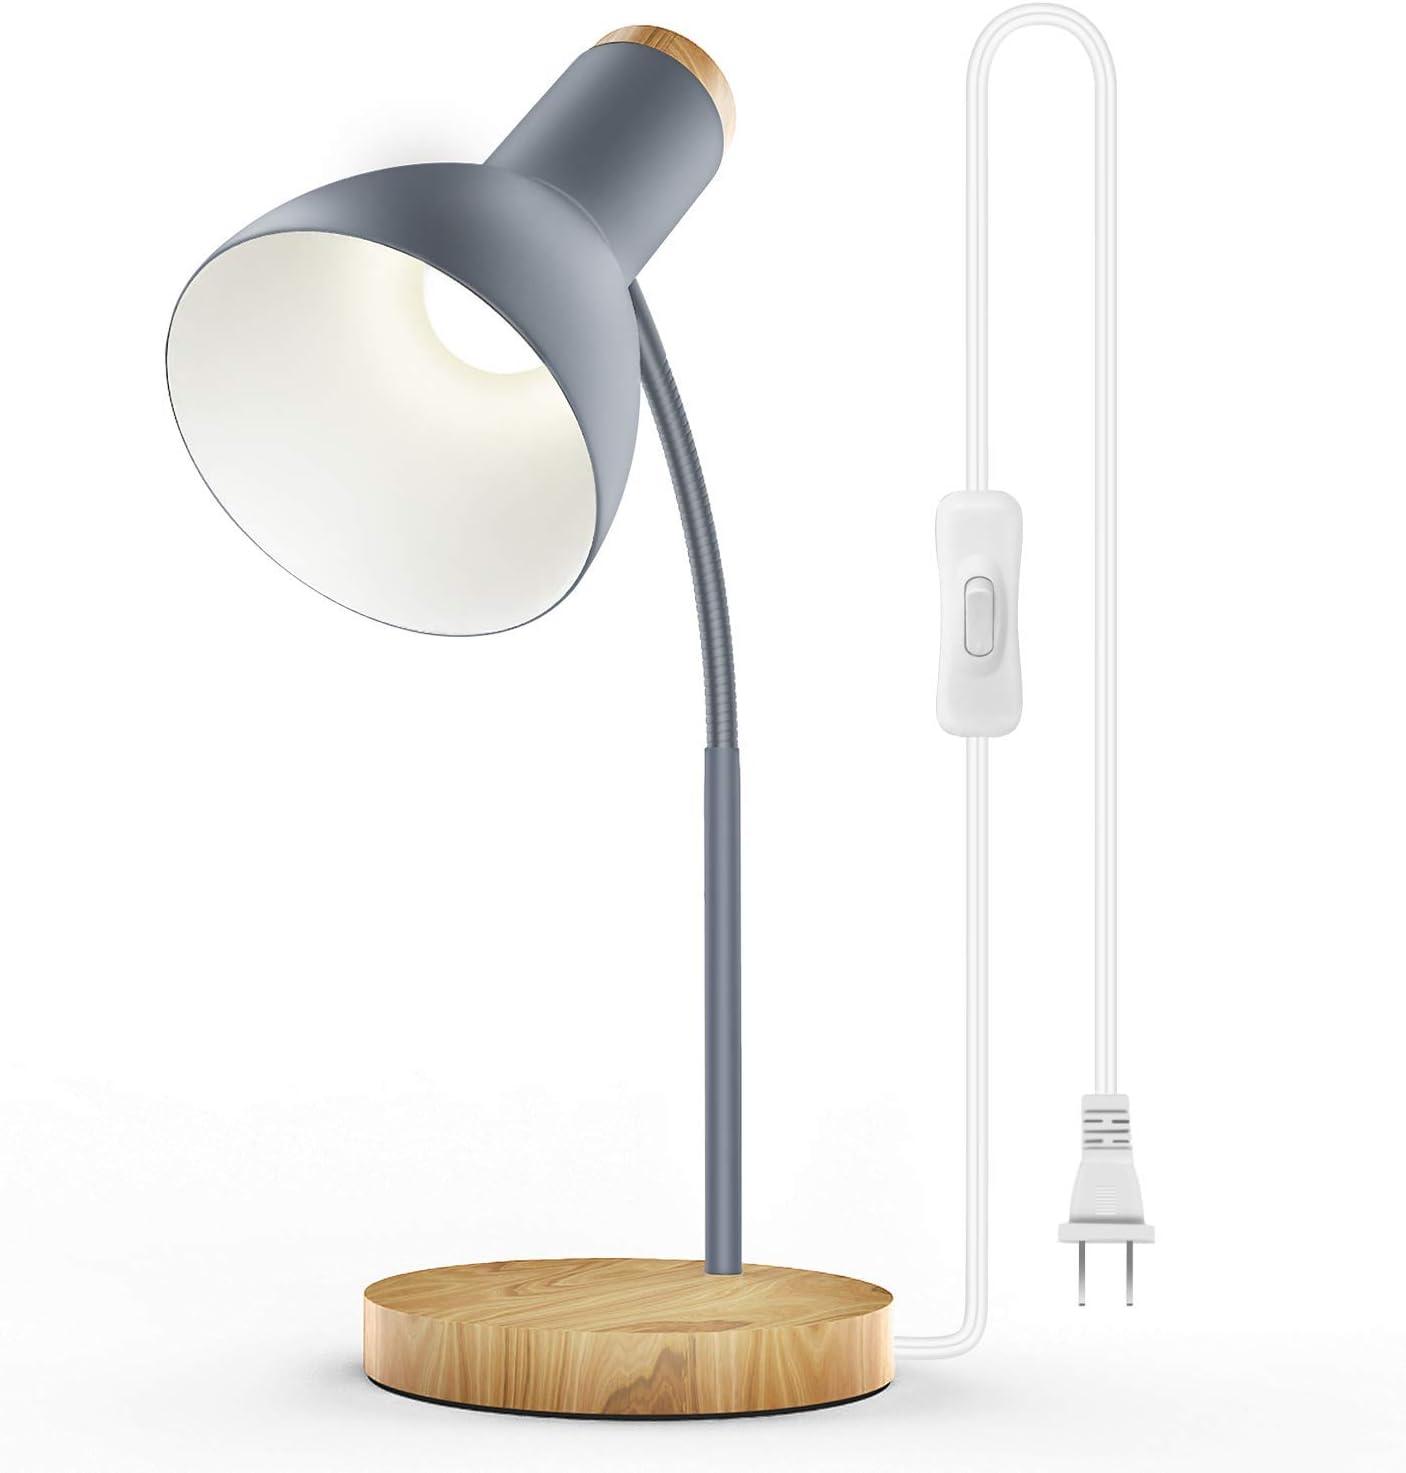 noir Touchez Dimmable Flexible USB LED Eye Care Liseuse r/églable LED solide lampe de bureau pour l/éclairage d/étude chambre /à coucher pour ordinateur portable